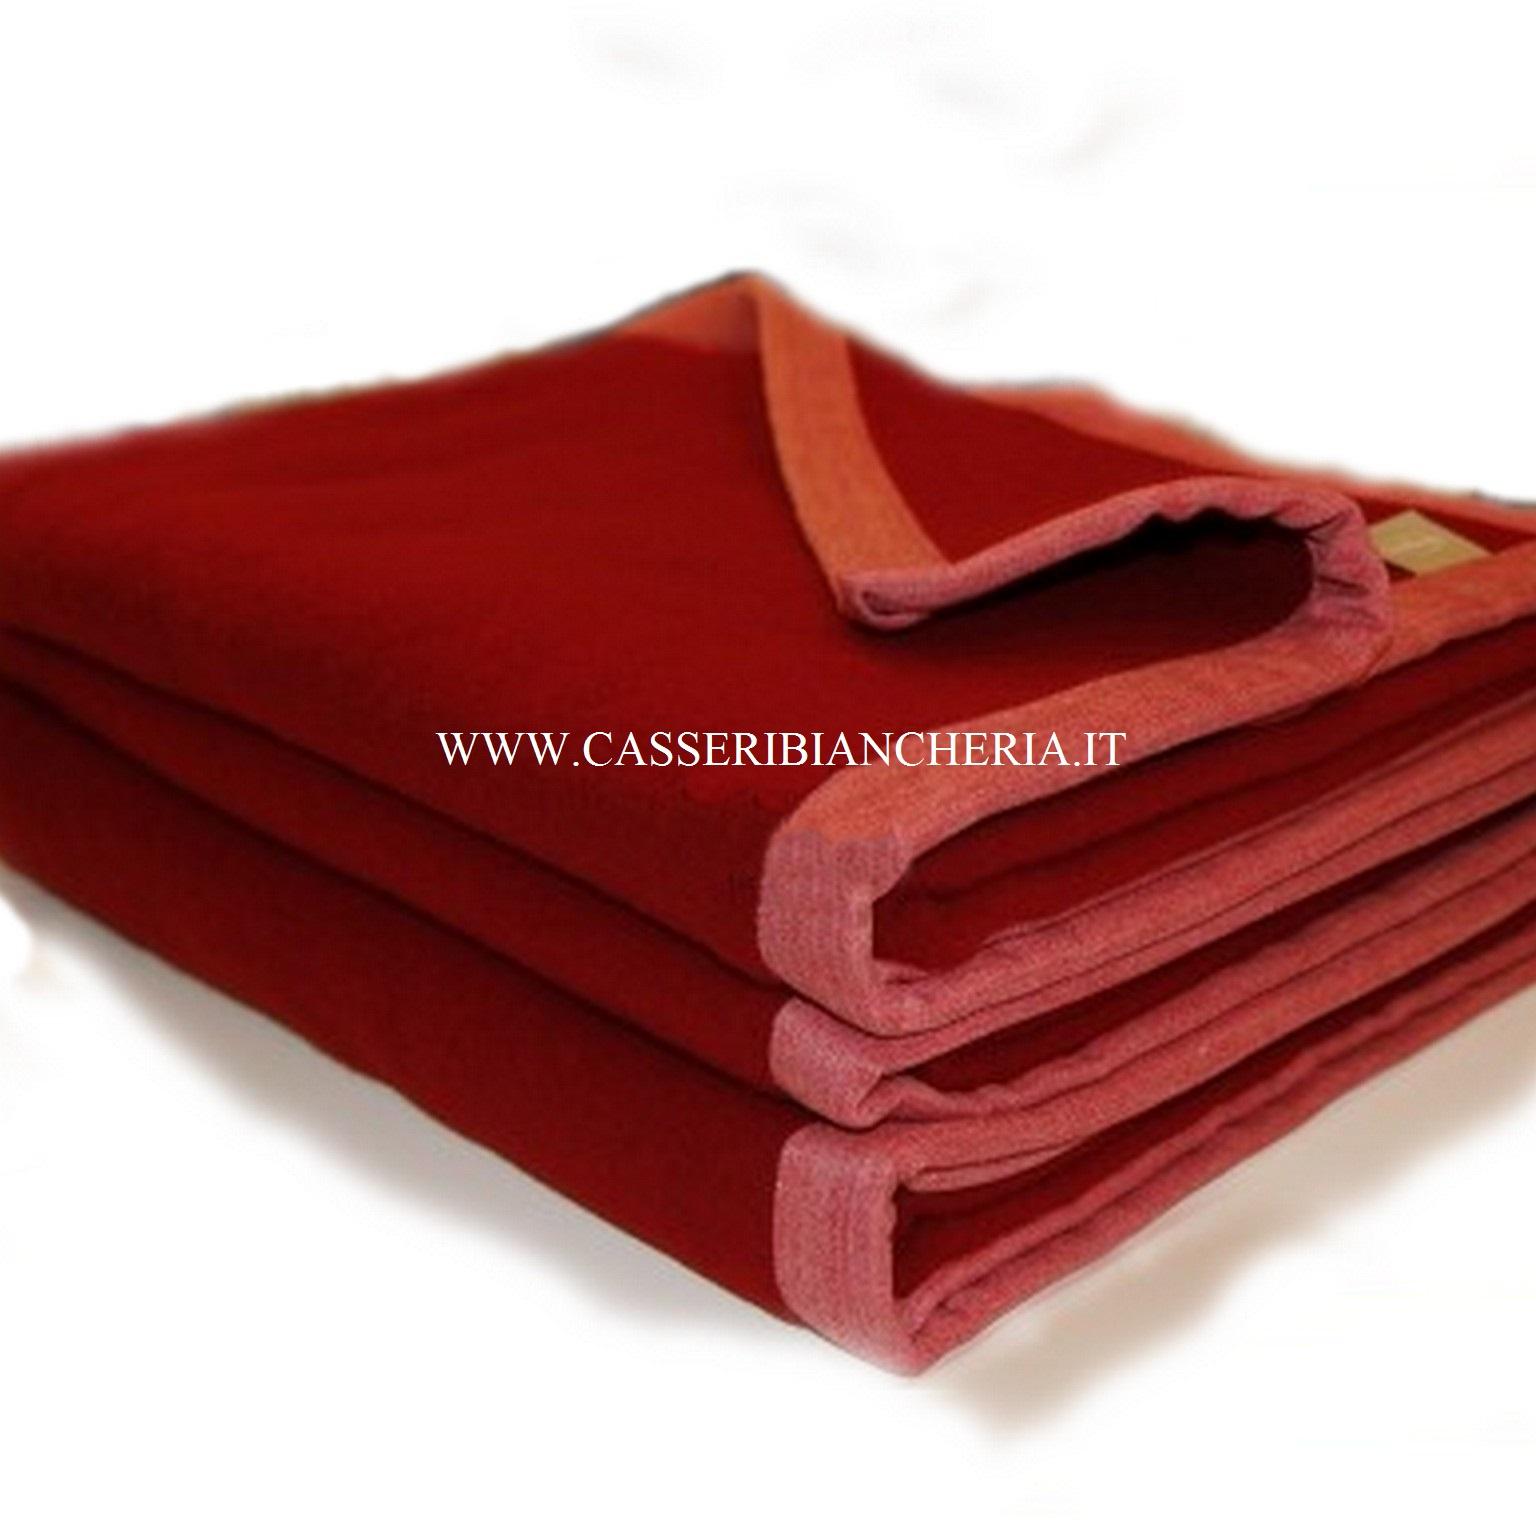 Coperte Di Lana Matrimoniali.Coperta Di Lana Matrimoniale Somma Origami Colore Beige Rosso Rubino